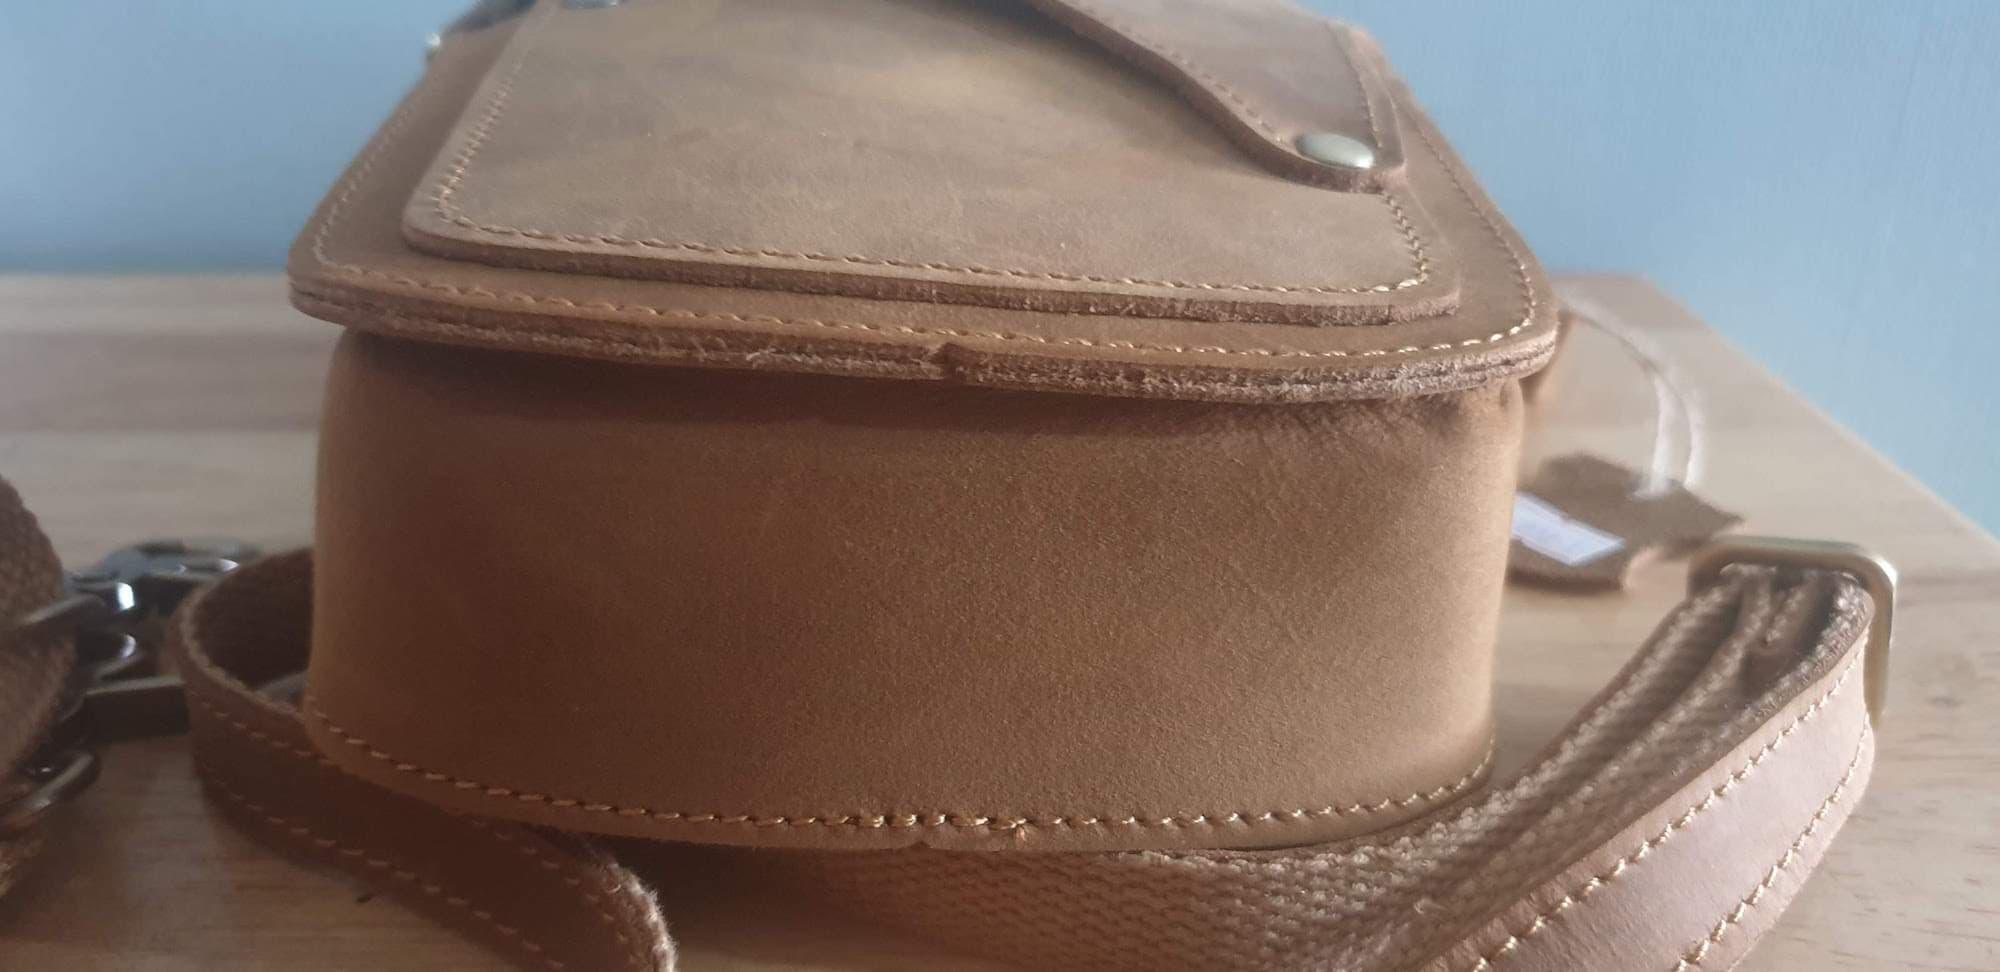 Túi đeo thắt lưng du lịch - Chất liệu da Ngựa